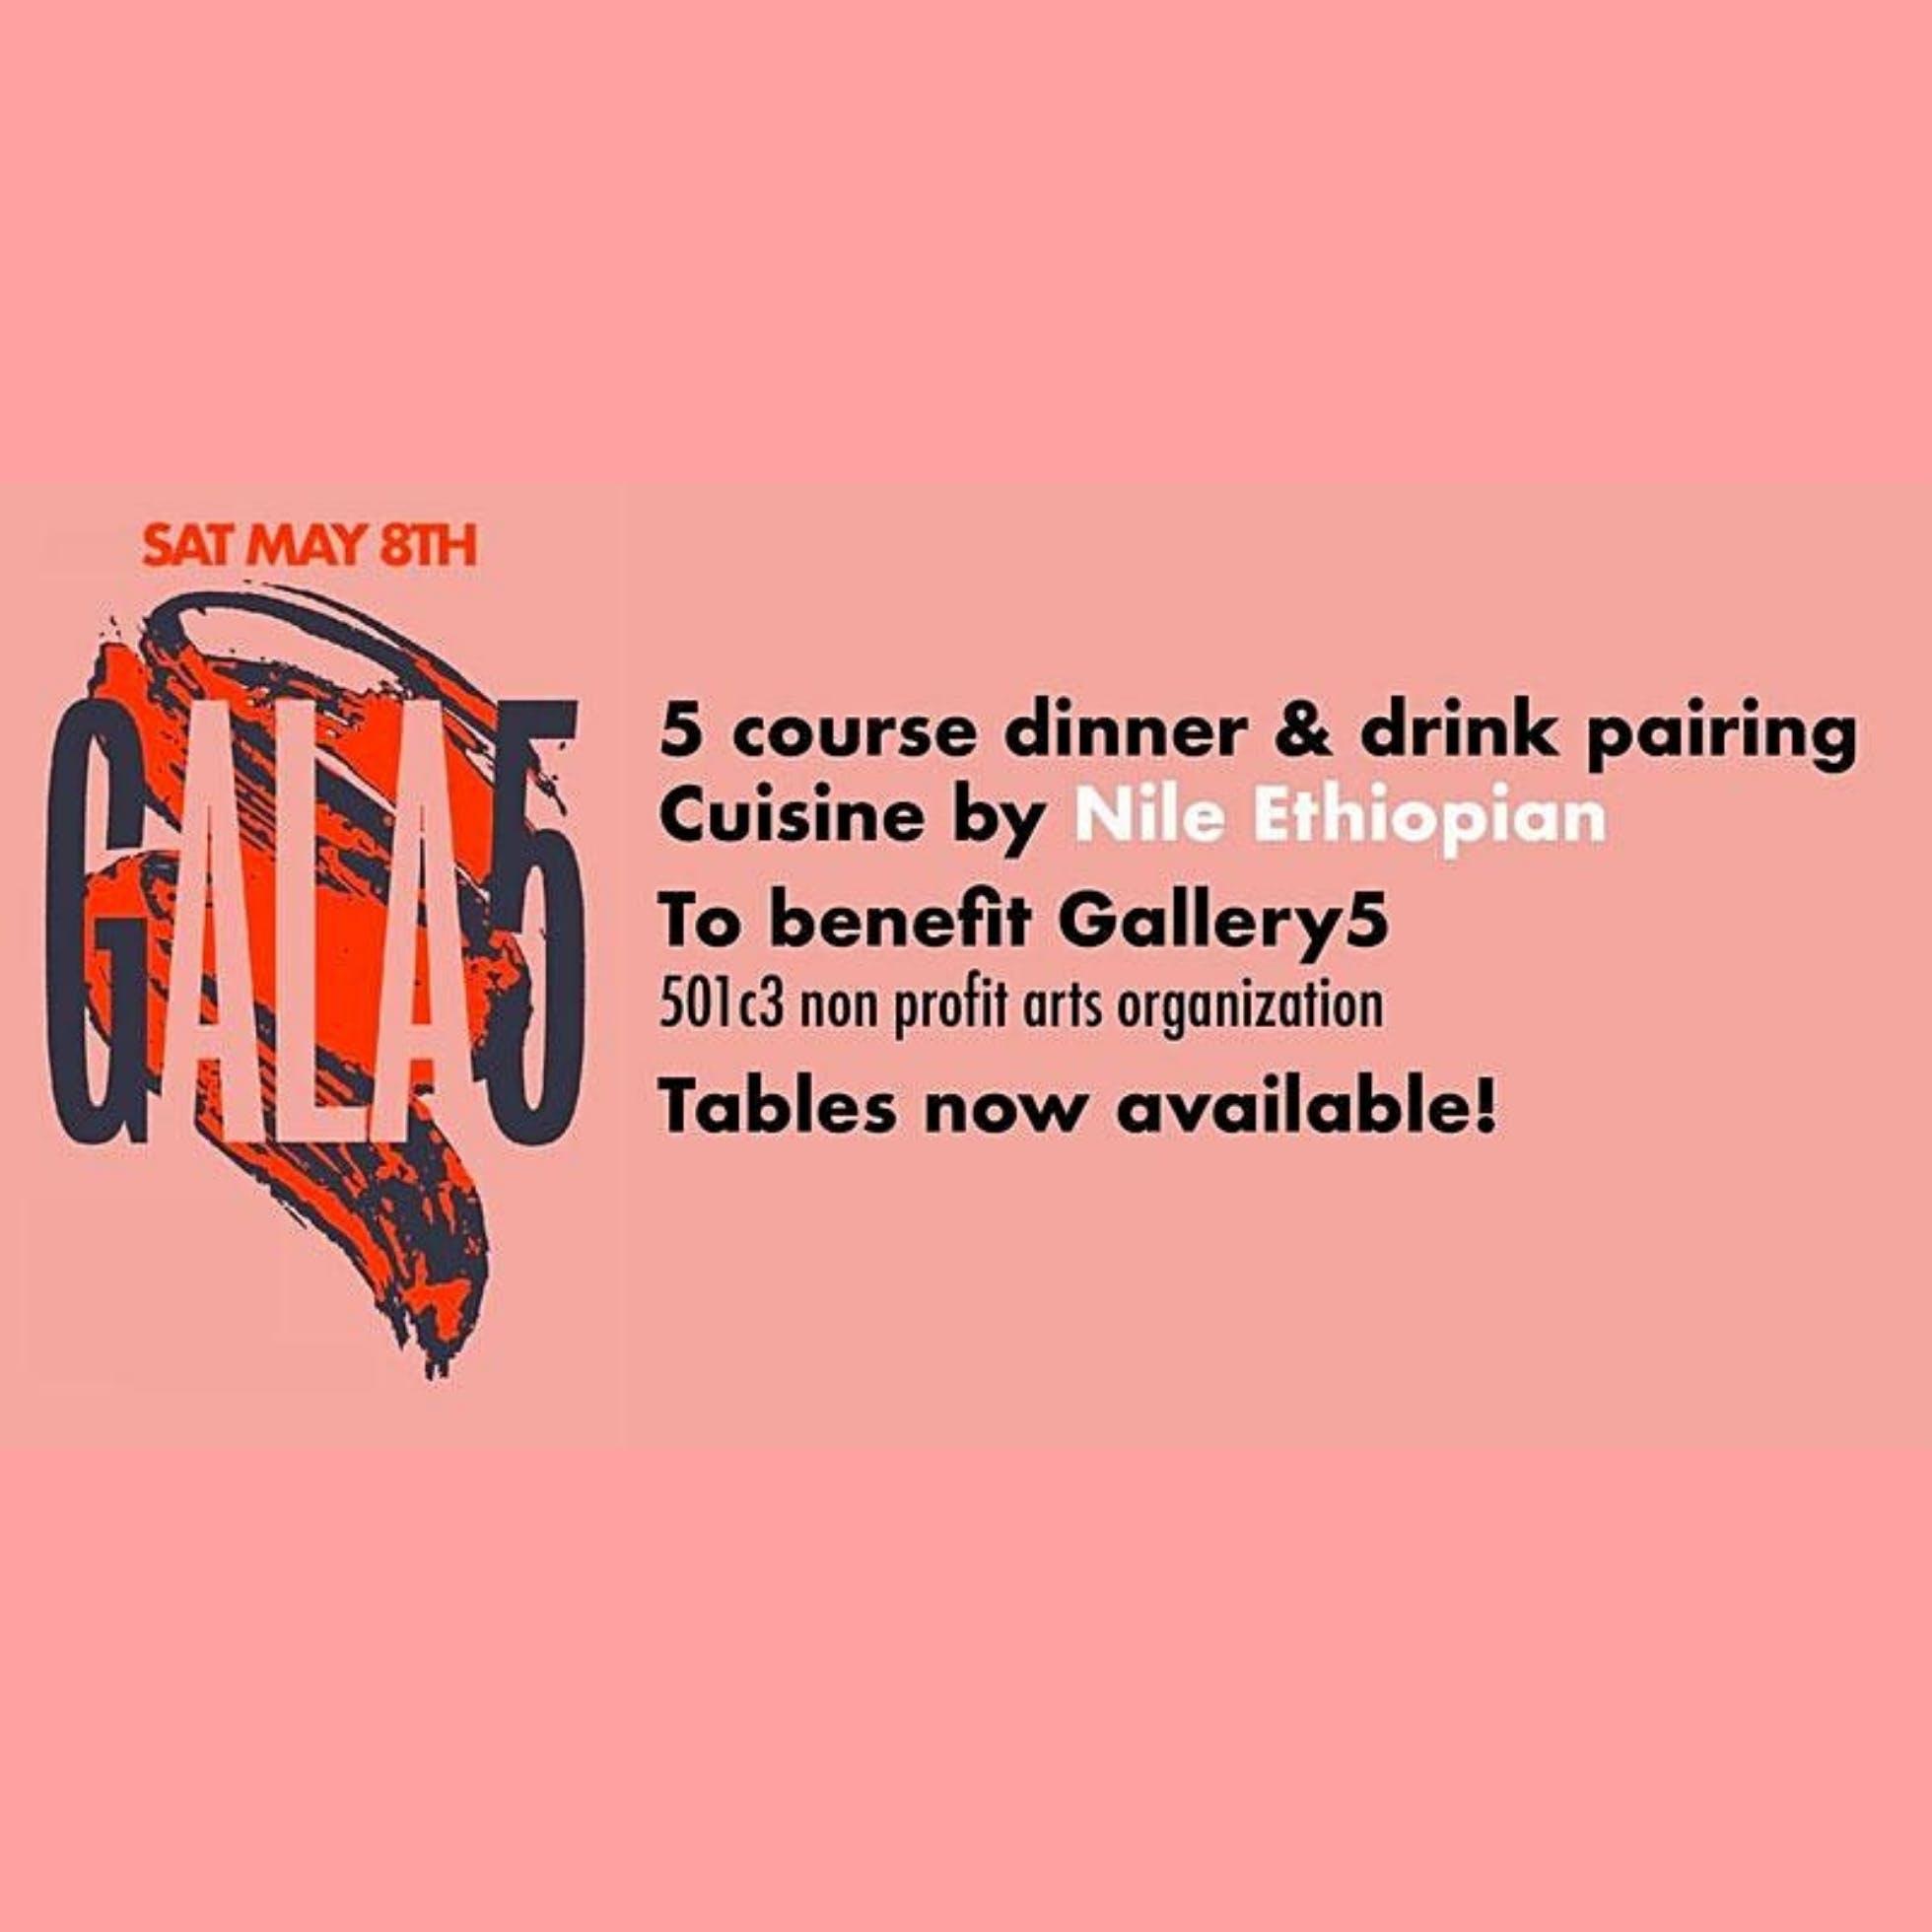 GALA5 Gallery5 Fundraiser Dinner